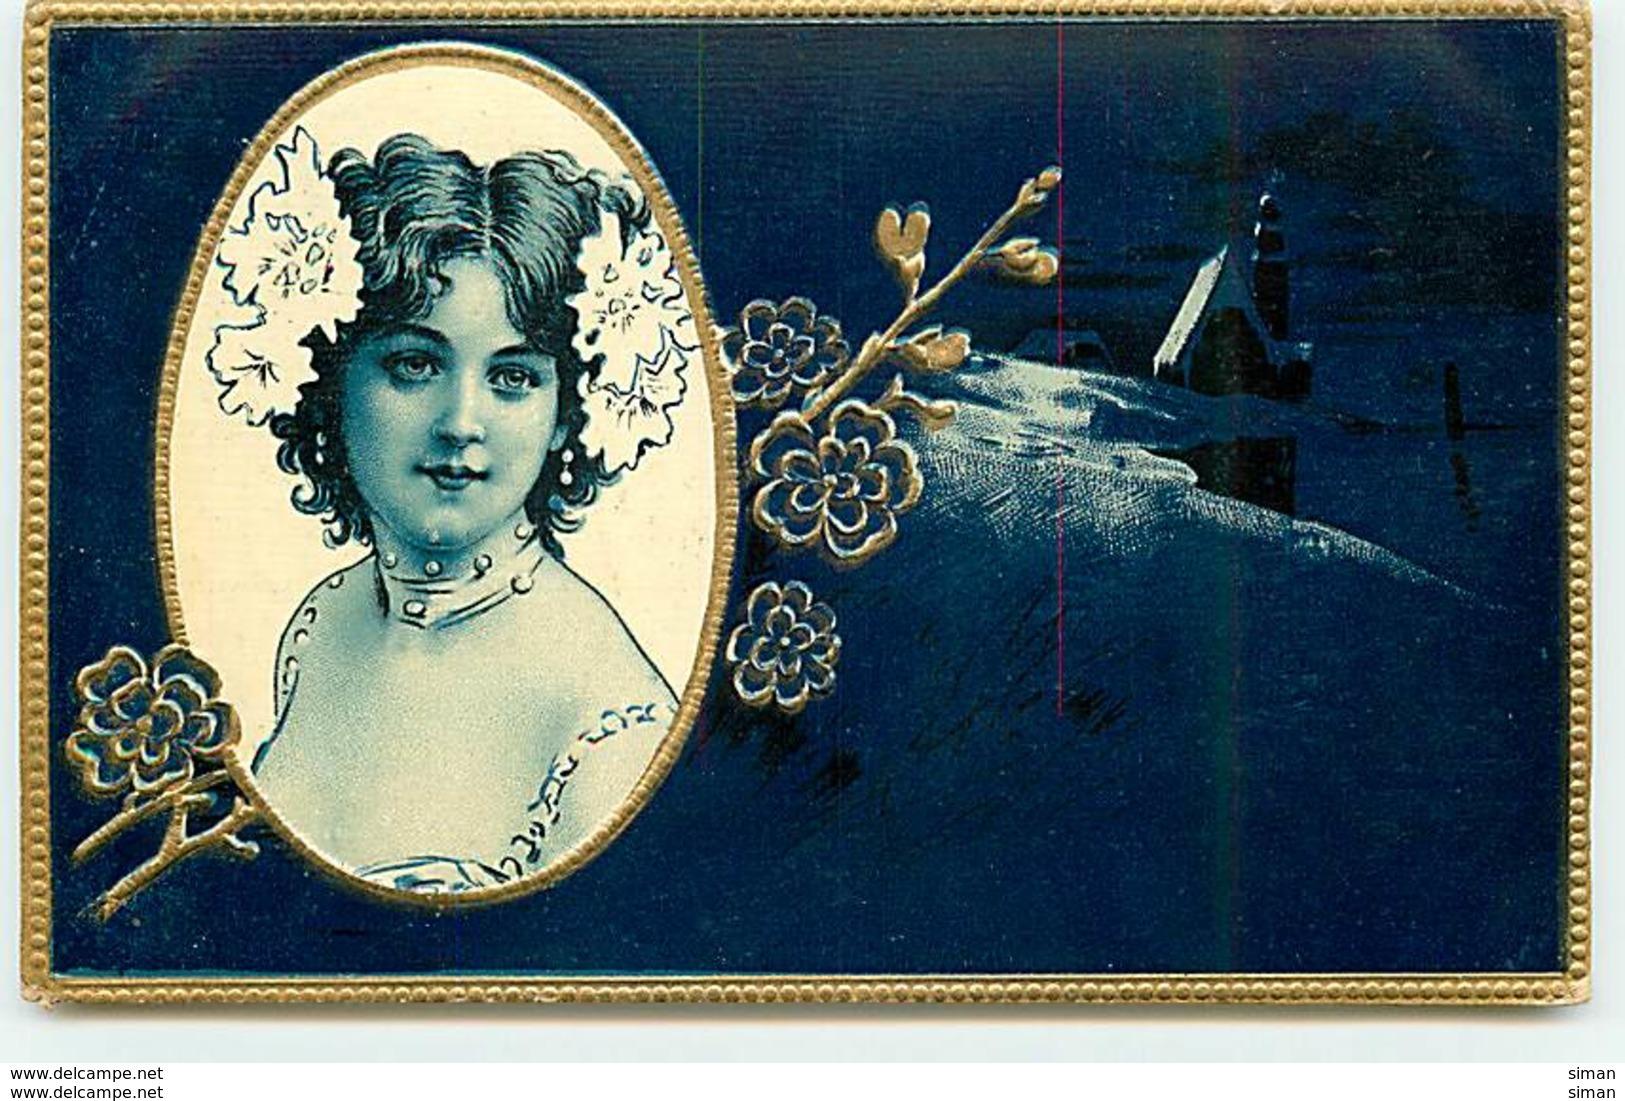 N°10553 - Carte Gaufrée - Portrait D'une Jeune Femme Dans Un Médaillon - Femmes